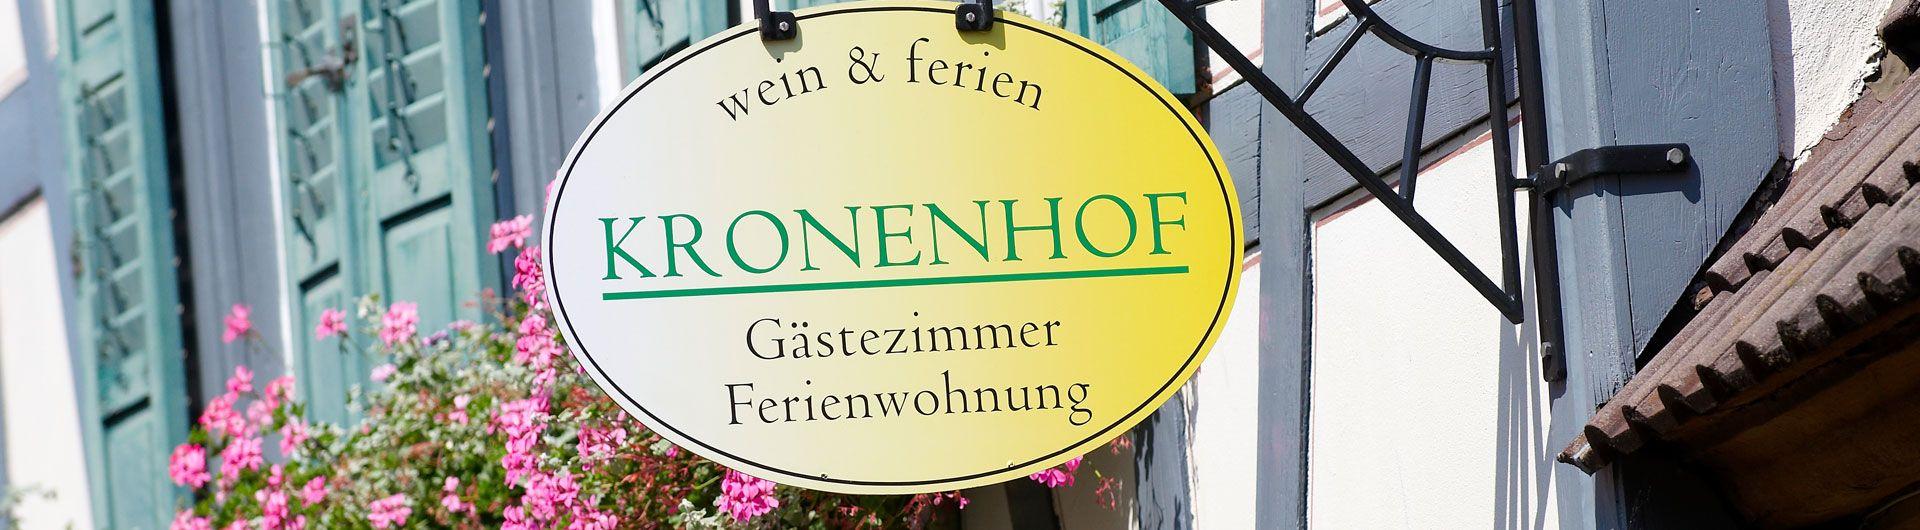 Weingut Kronenhof - Gästehaus